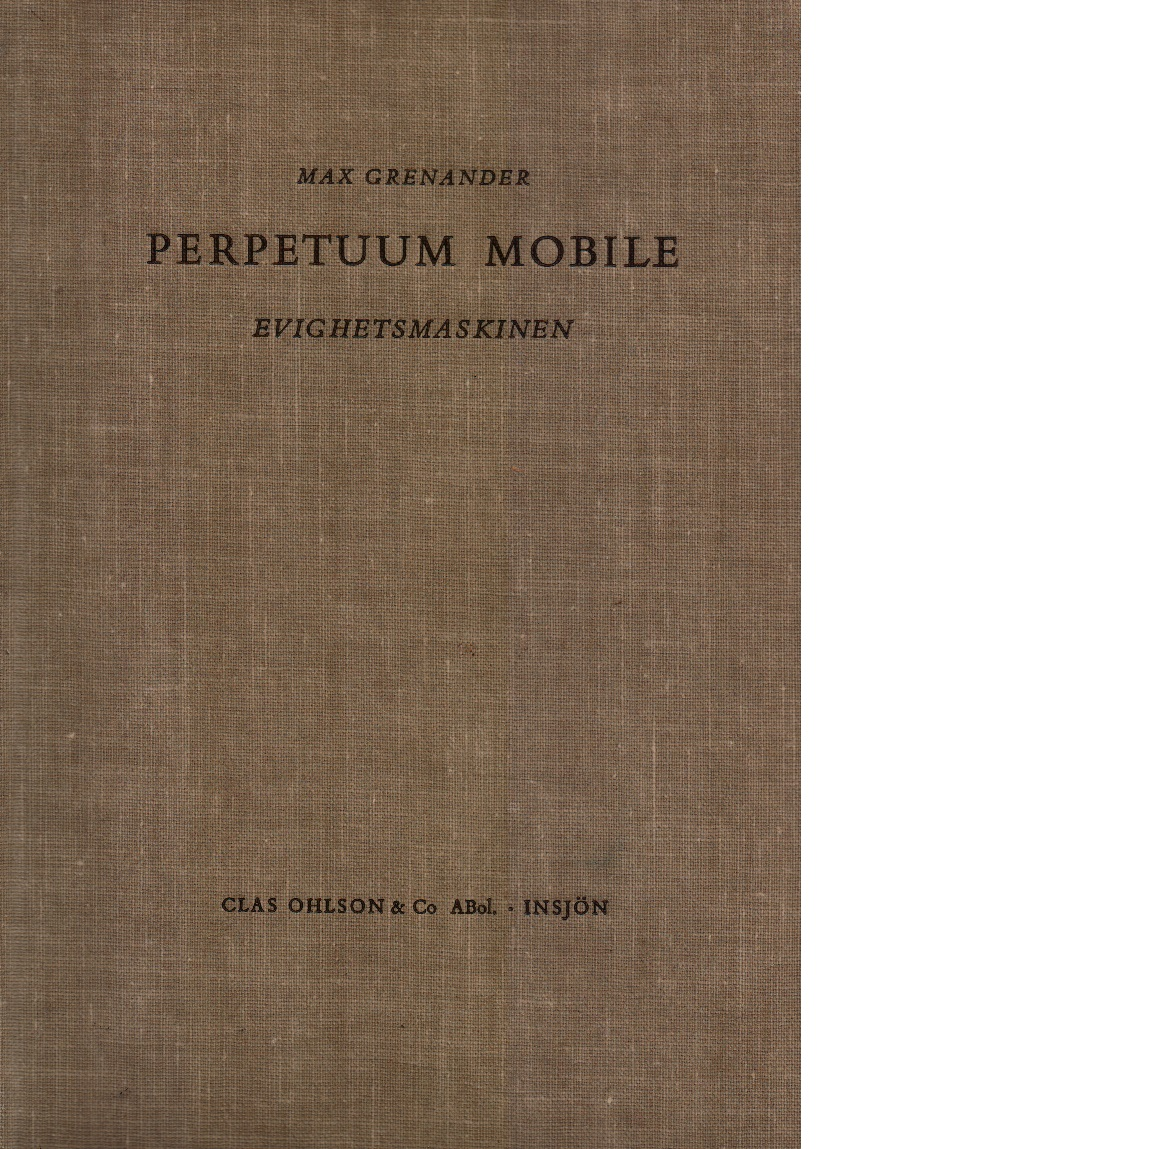 Perpetuum mobile : evighetsmaskinen - Grenander, Max